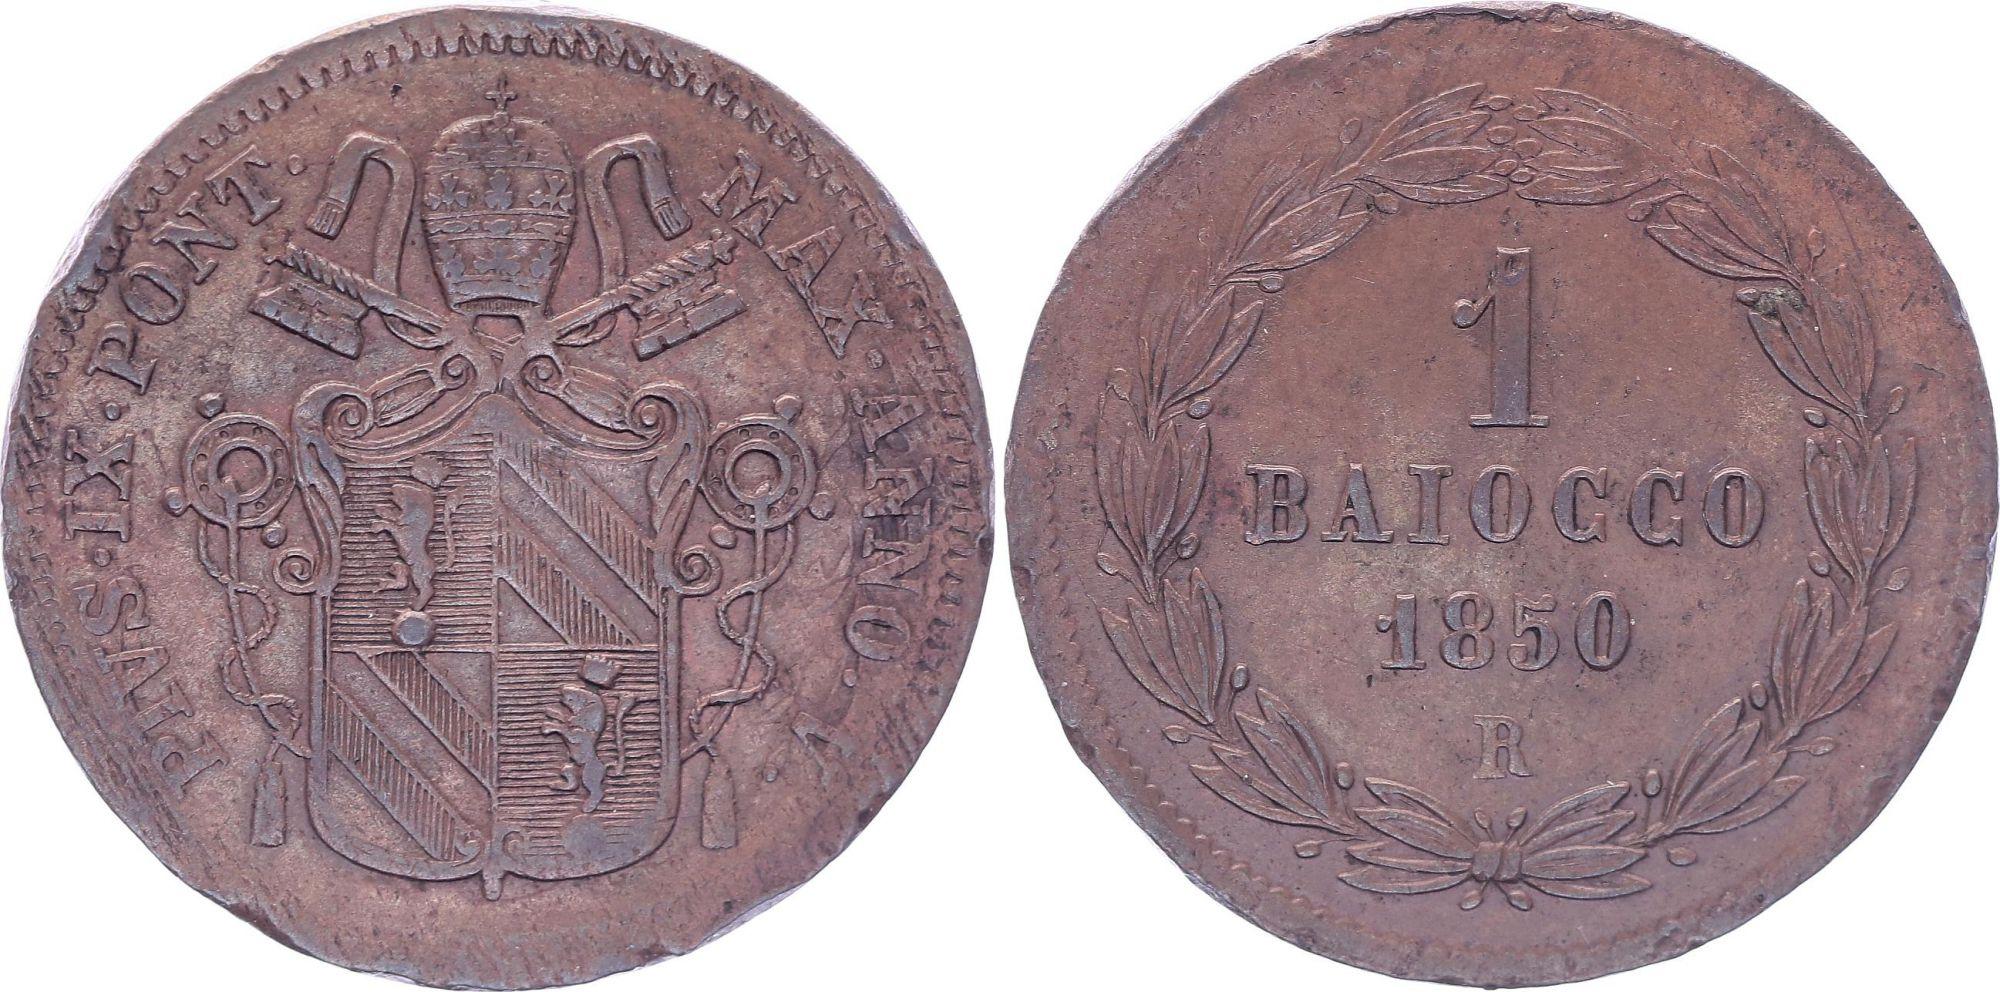 Etat Pontifical 1 Baiocco  - Pivs IX - 1850 R V